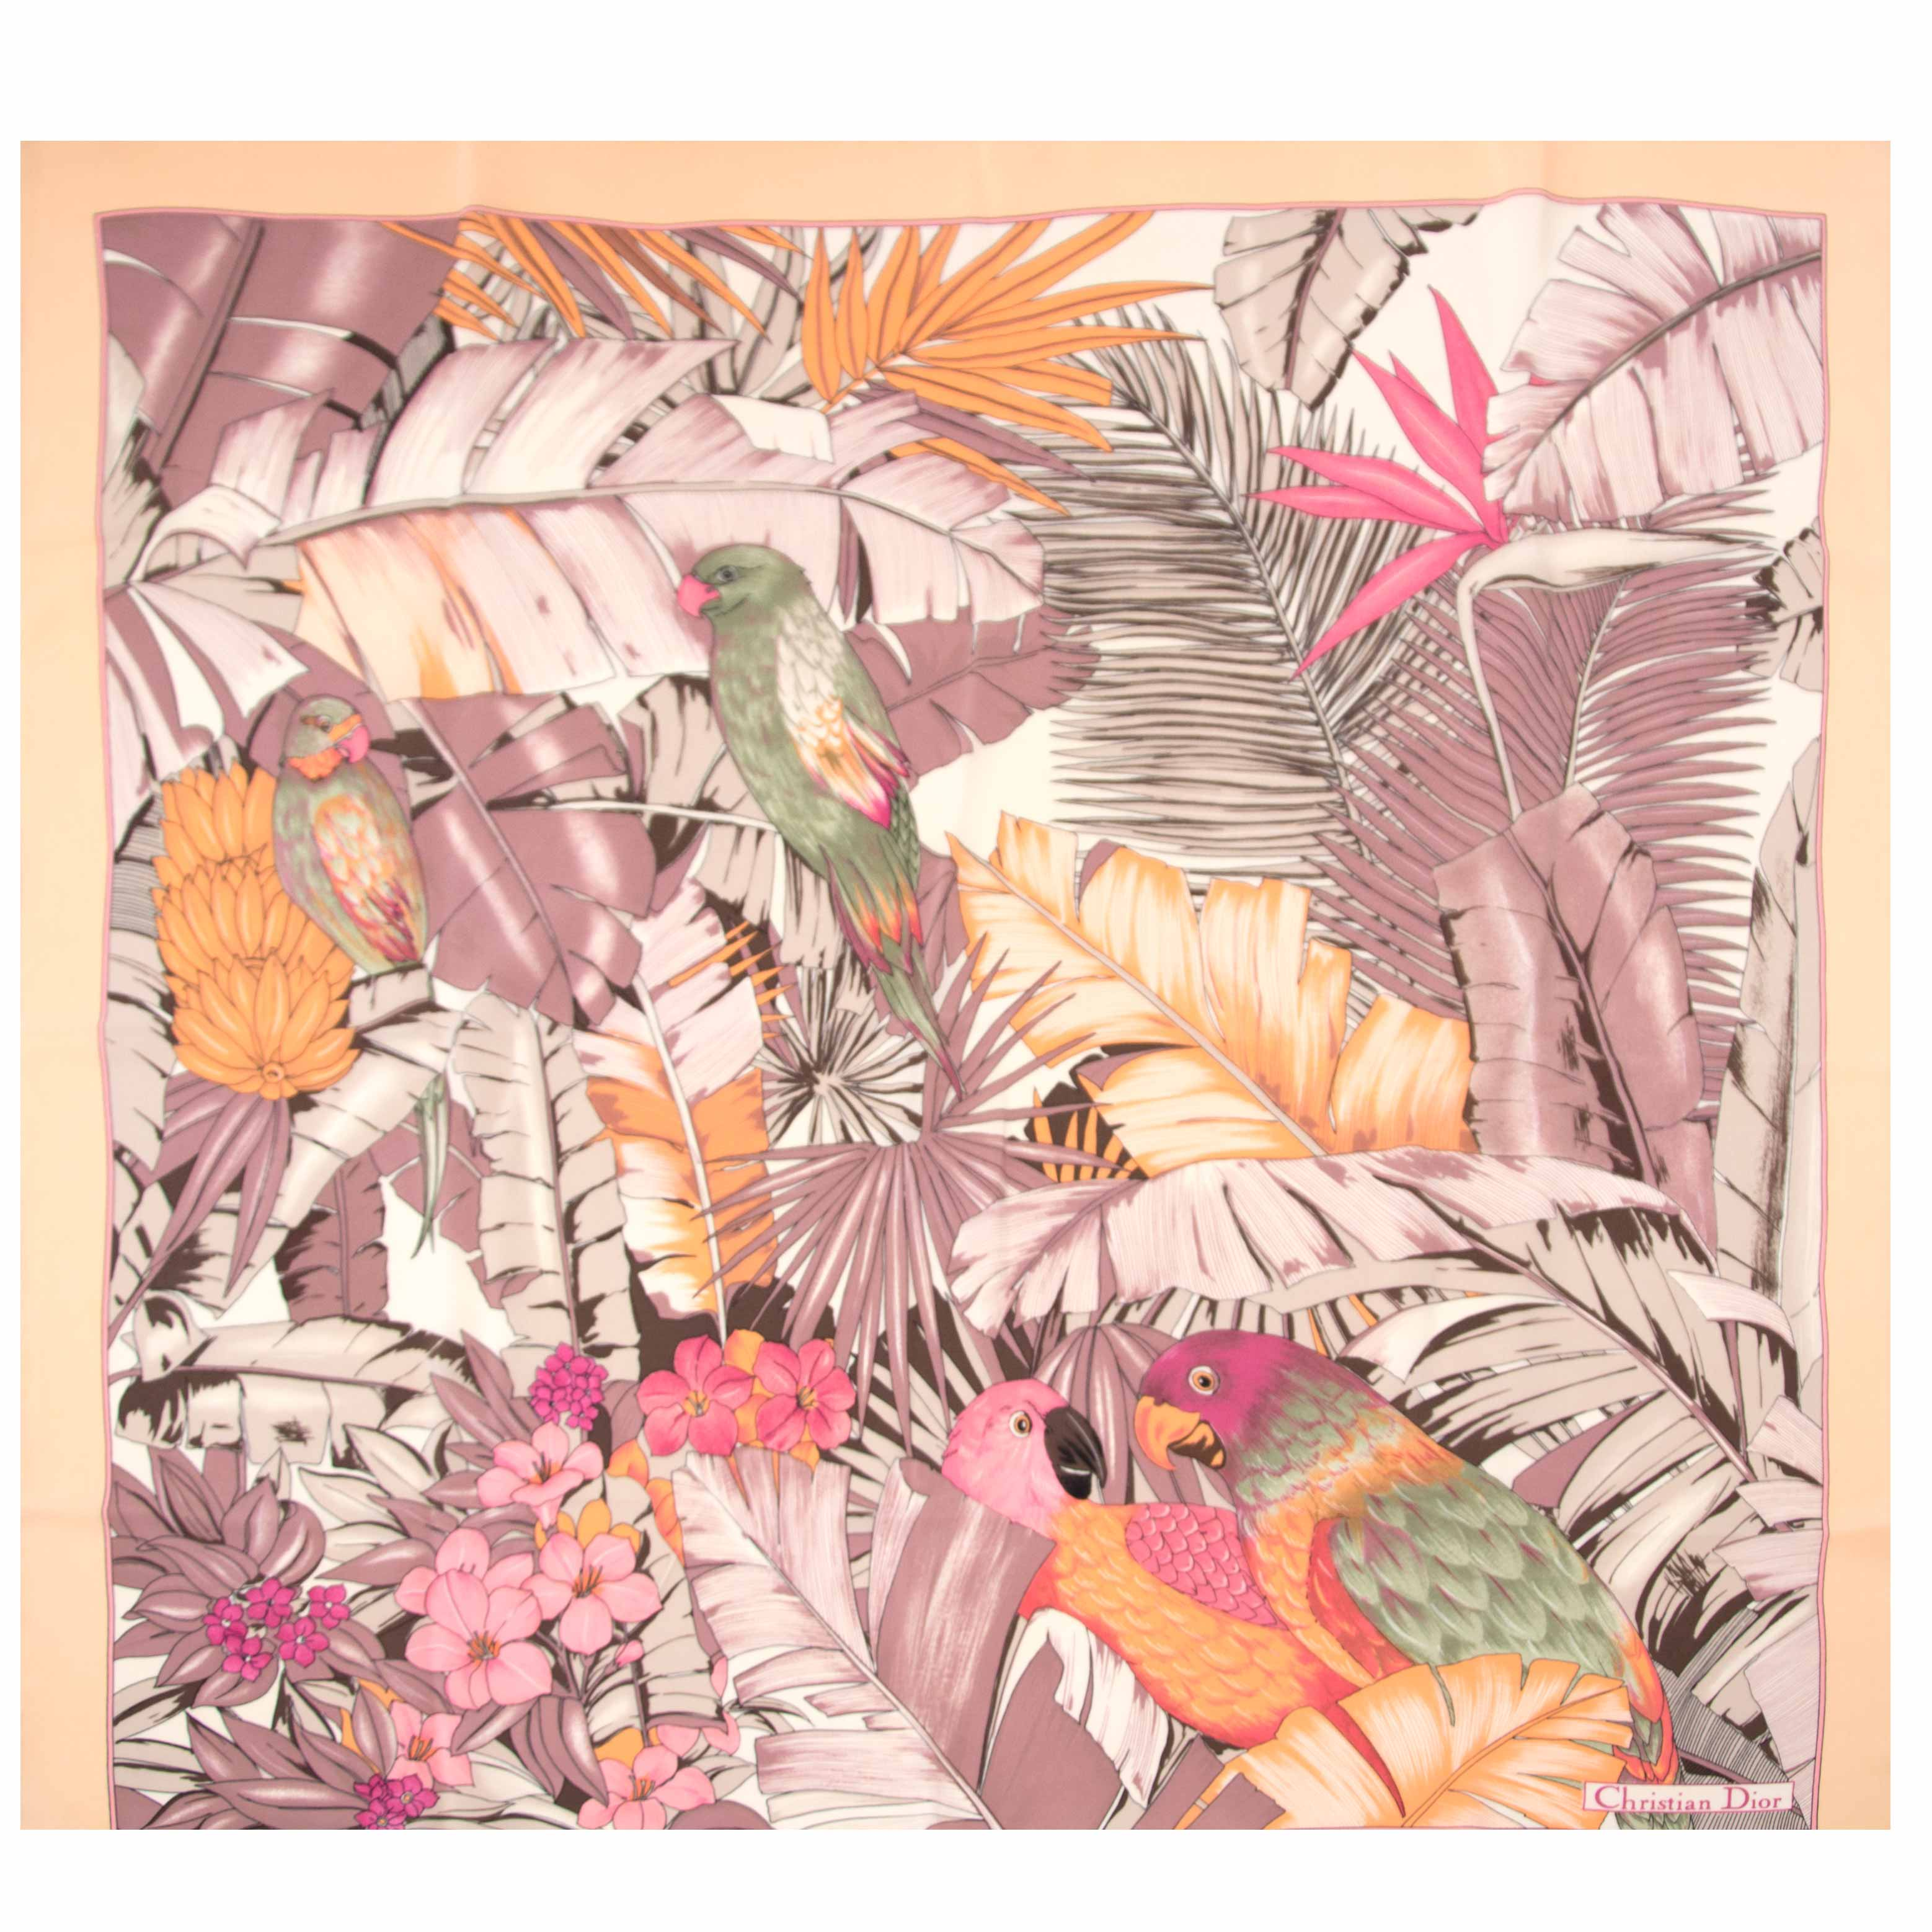 koop nu jouw tweedehands Christian Dior Parrot Scarf op labellov.com